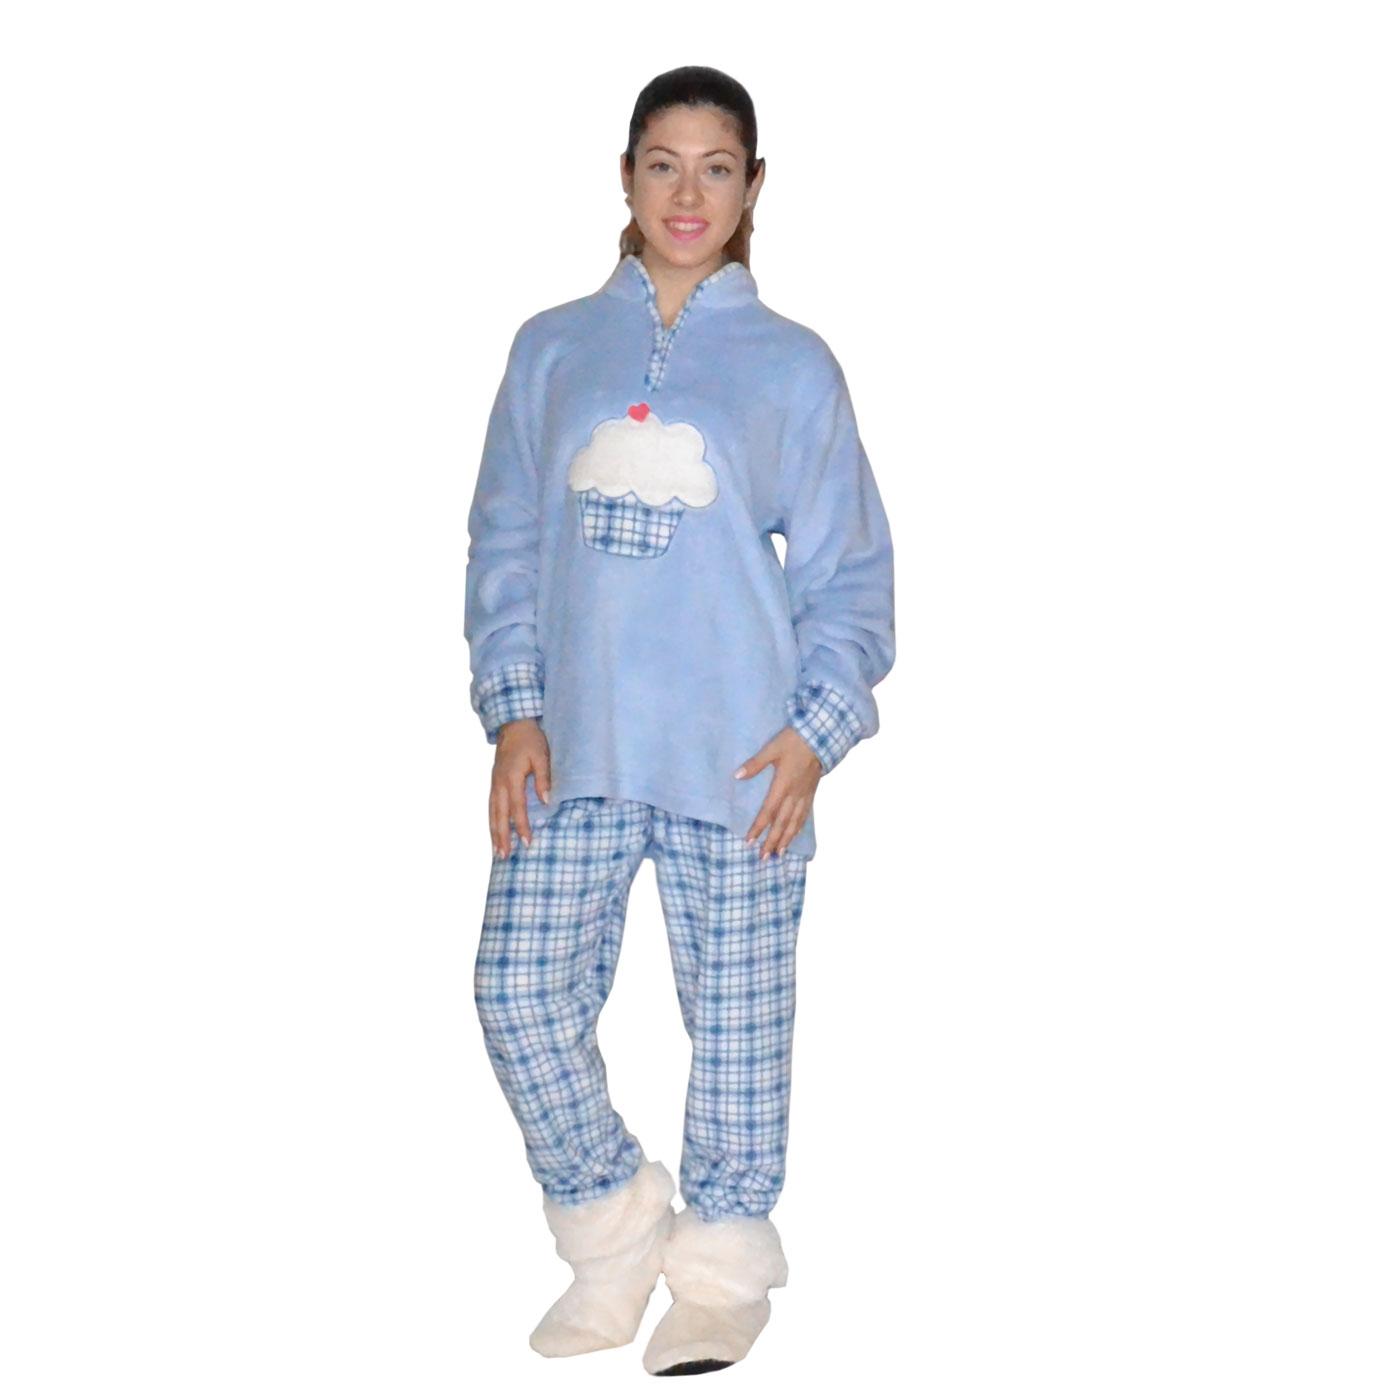 Karelpiu Γυναικεία Πυτζάμα ΦΛΙΣ Γαλάζια με Συννεφάκι  64ef047553b